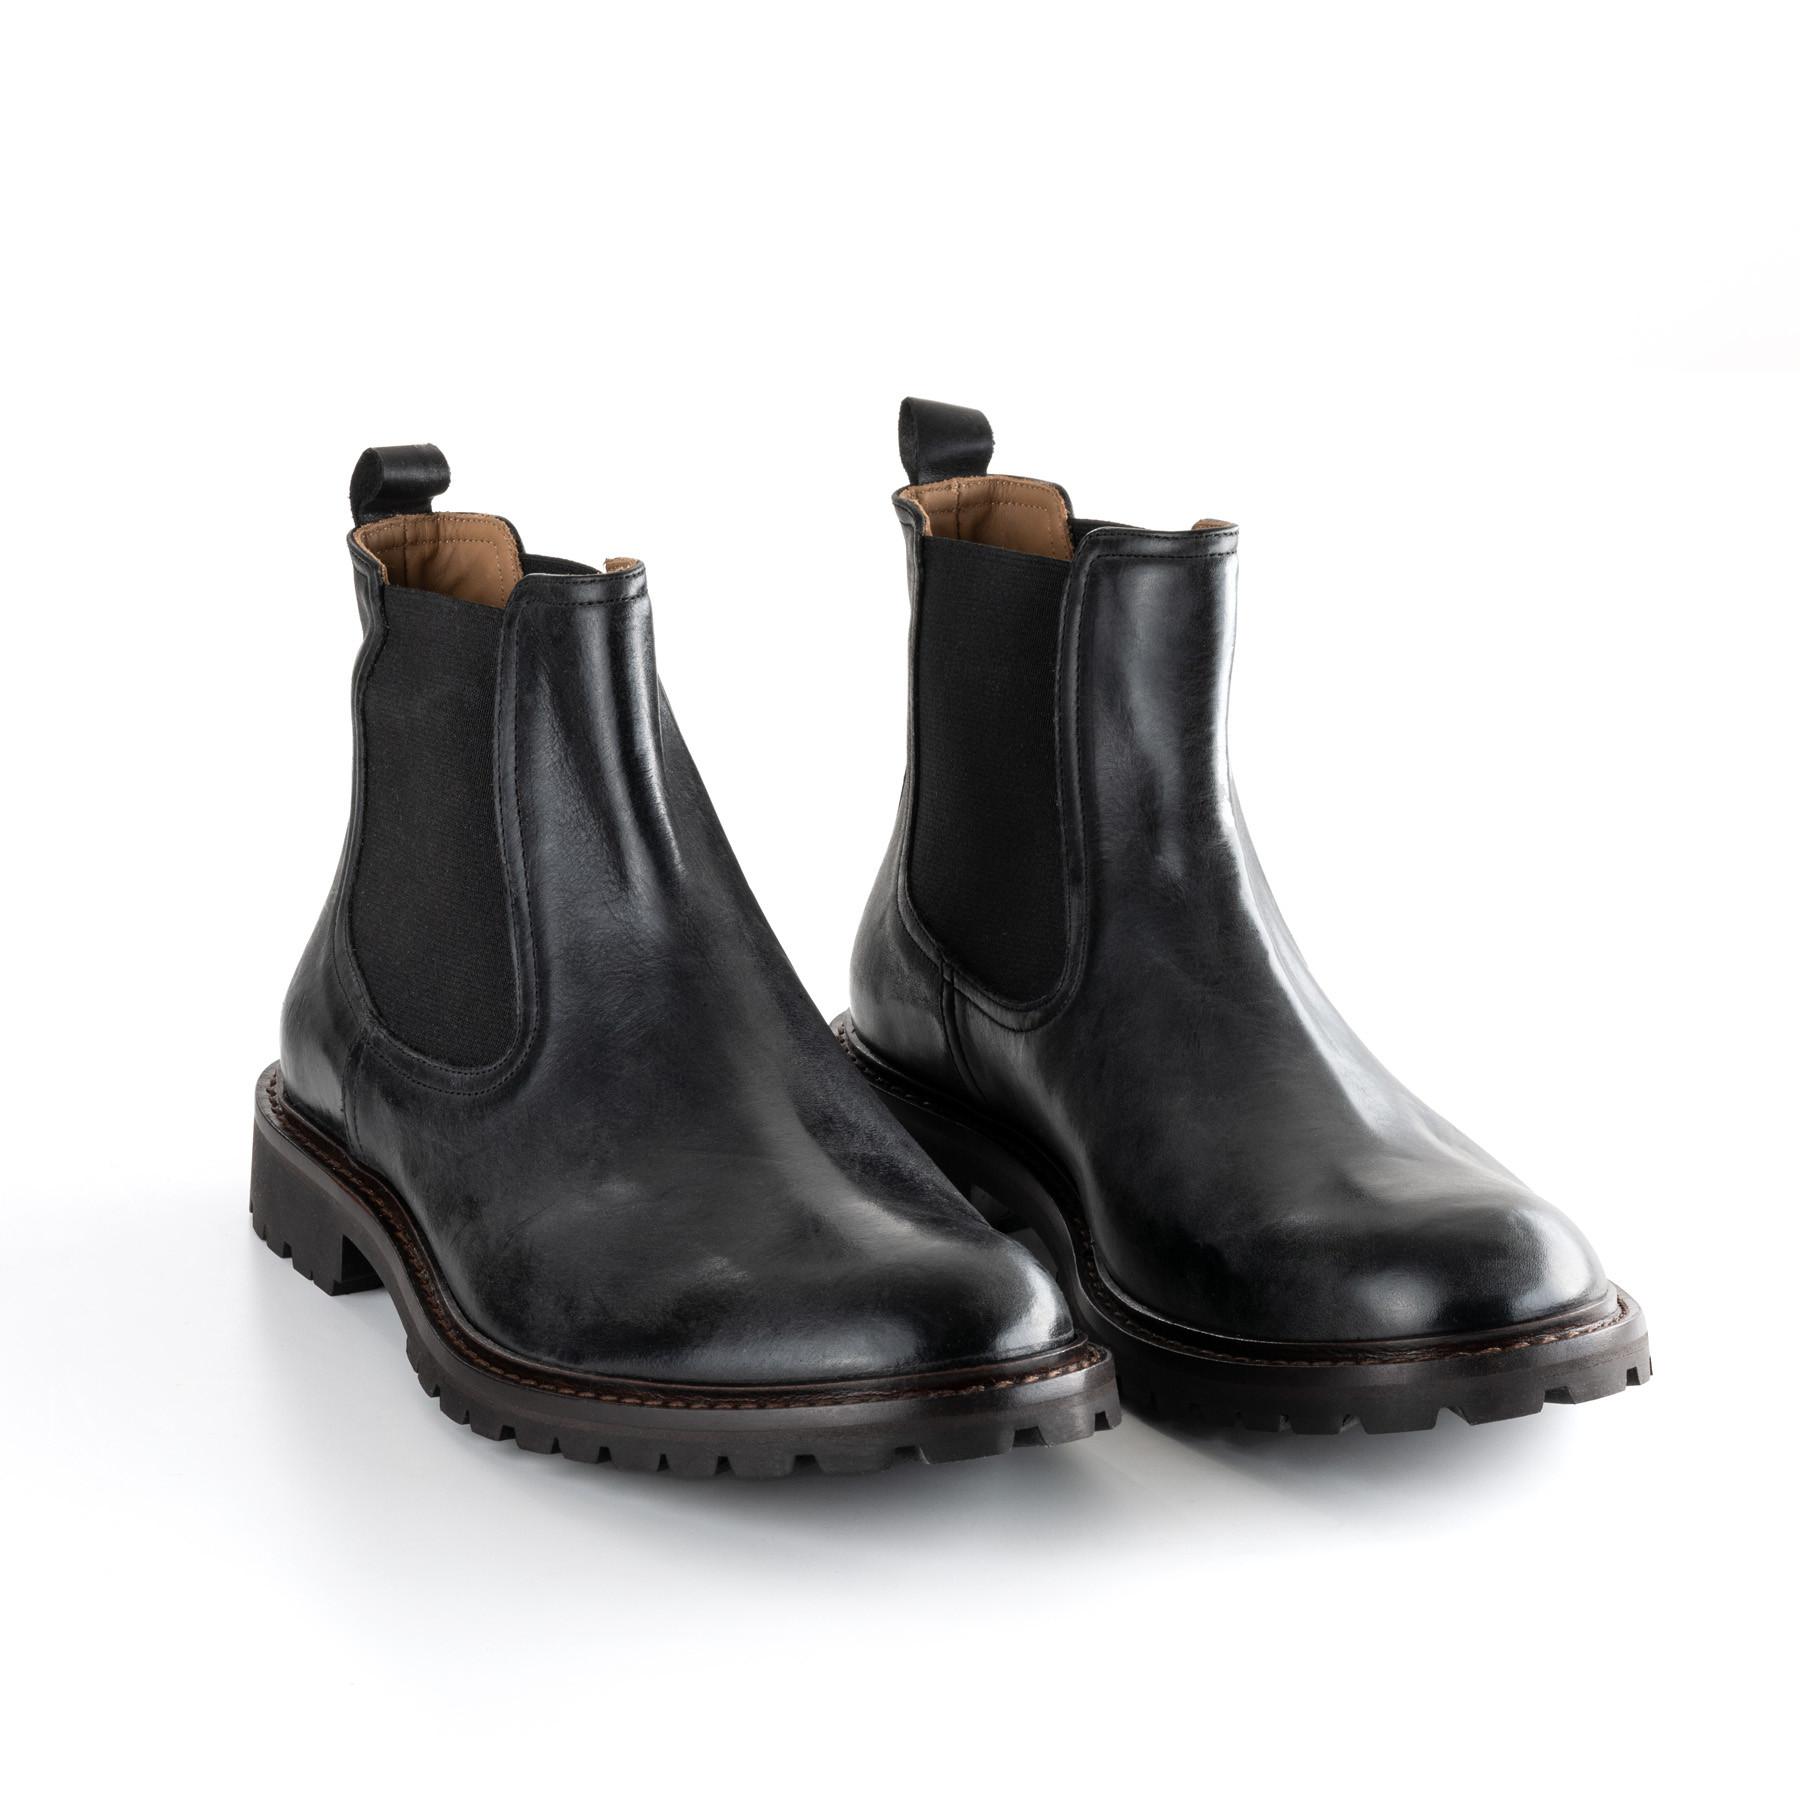 Chelsea Boots in braunem Büffellelder mit originbal Kreppsohle